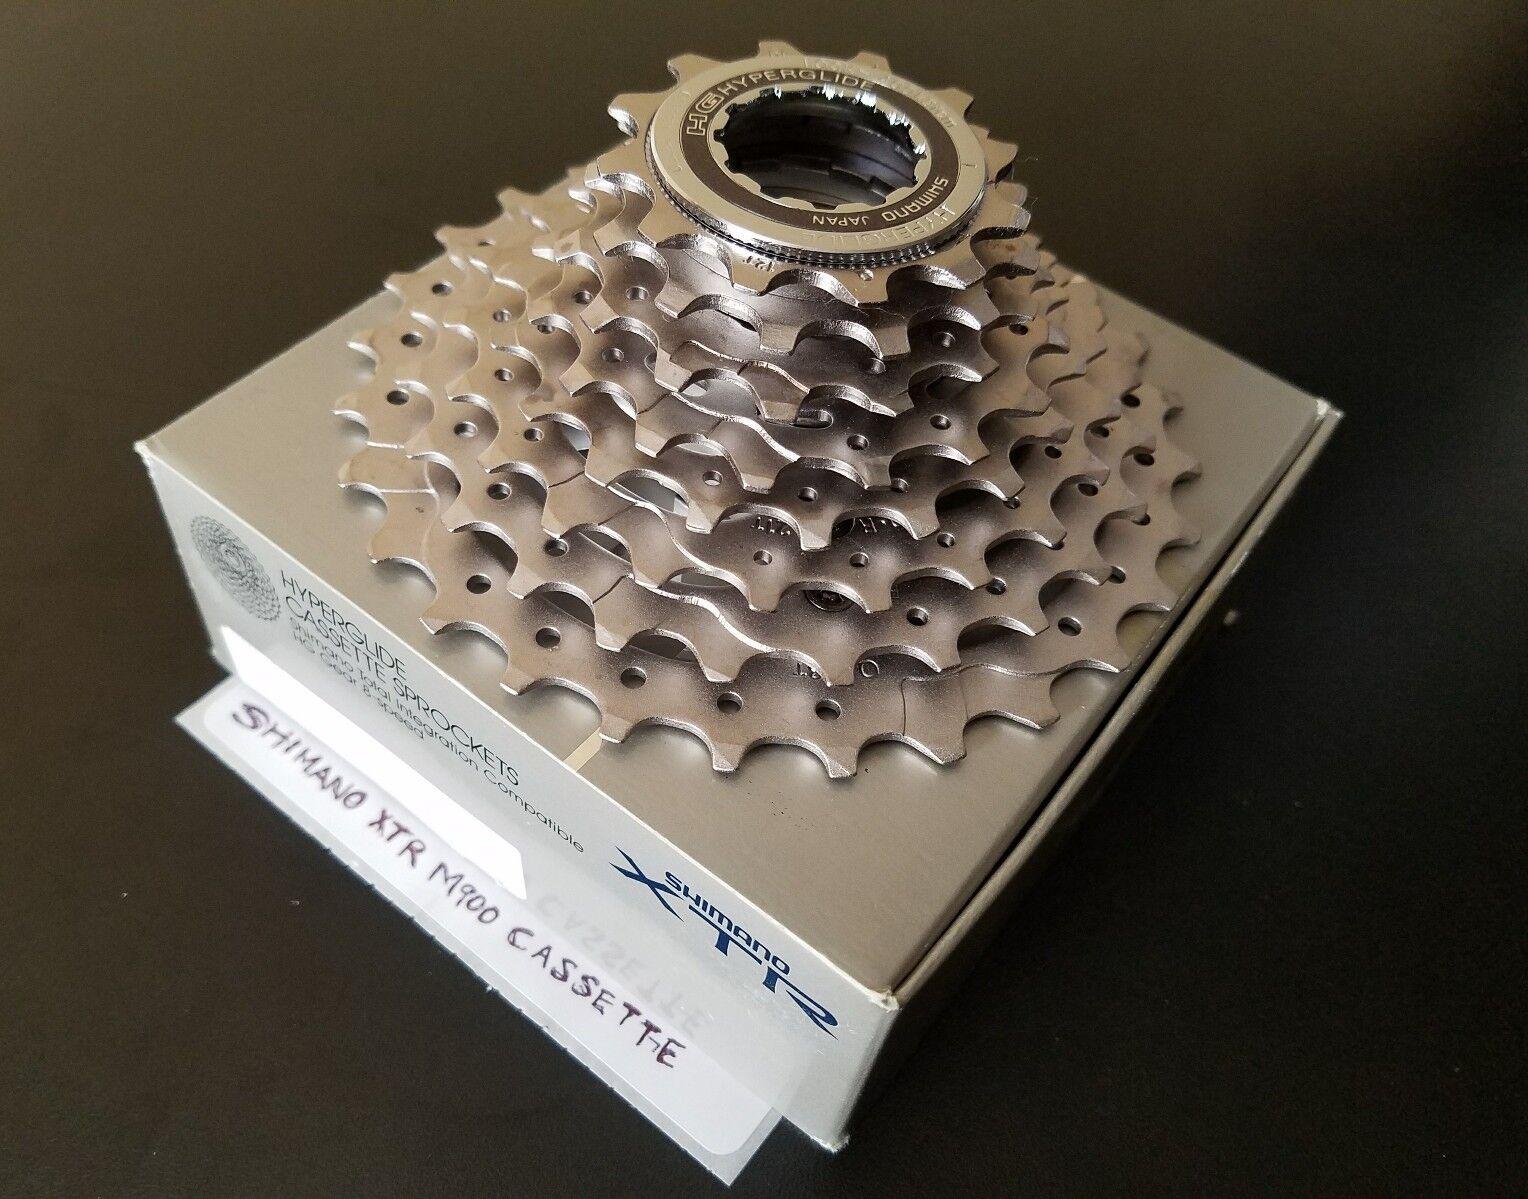 NOS Shimano XTR M900 8-Speed Hyperglide Cassette 12-28 Ratio Japan RARE